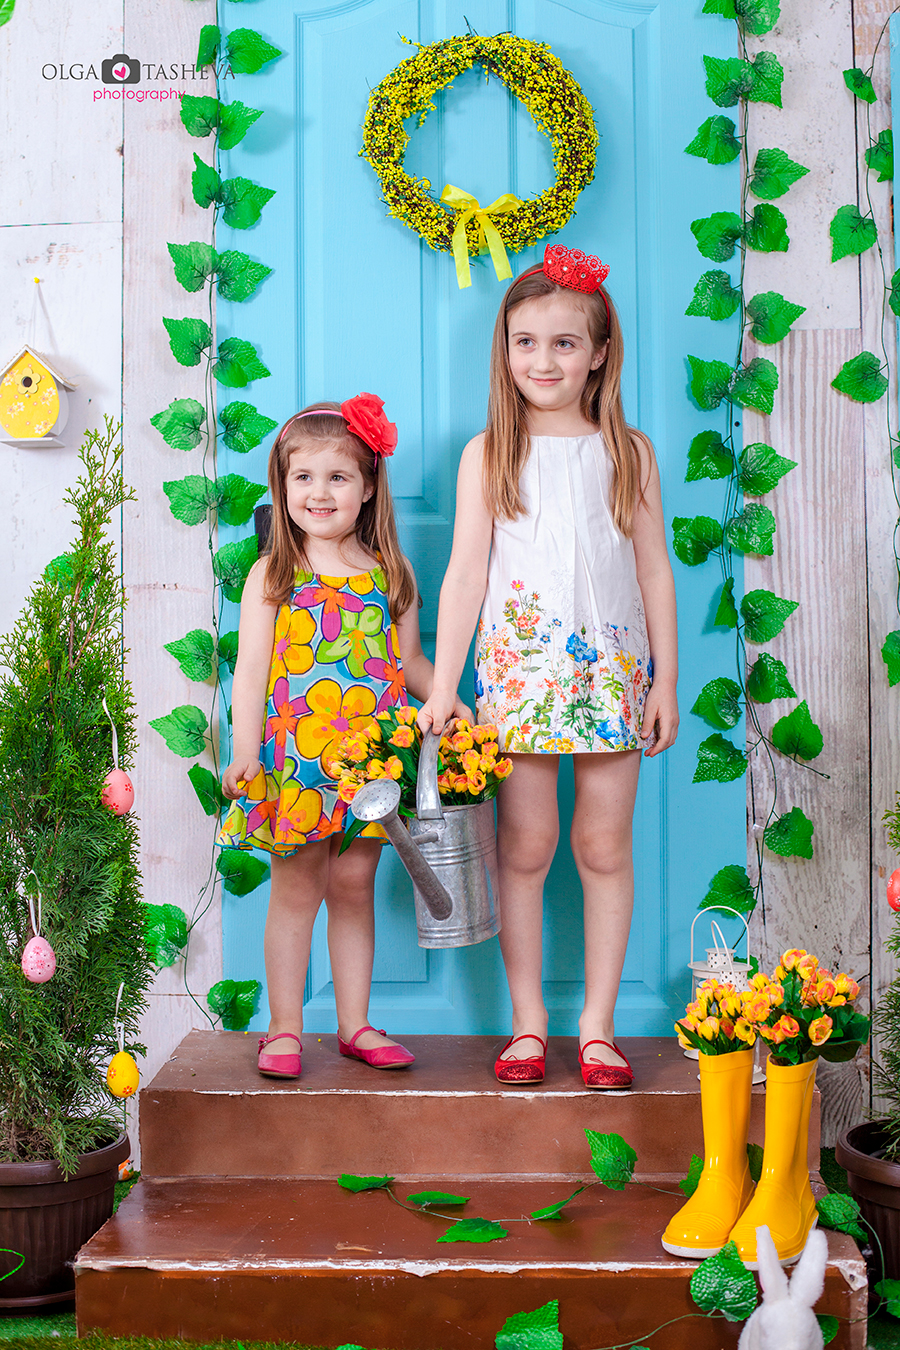 Детска фотосесия на Рома и Джиджи при фотограф Олга Ташева. Фото студио Варна. Детска, бебешка и семейна фотография. Фотограф Варна - 23447